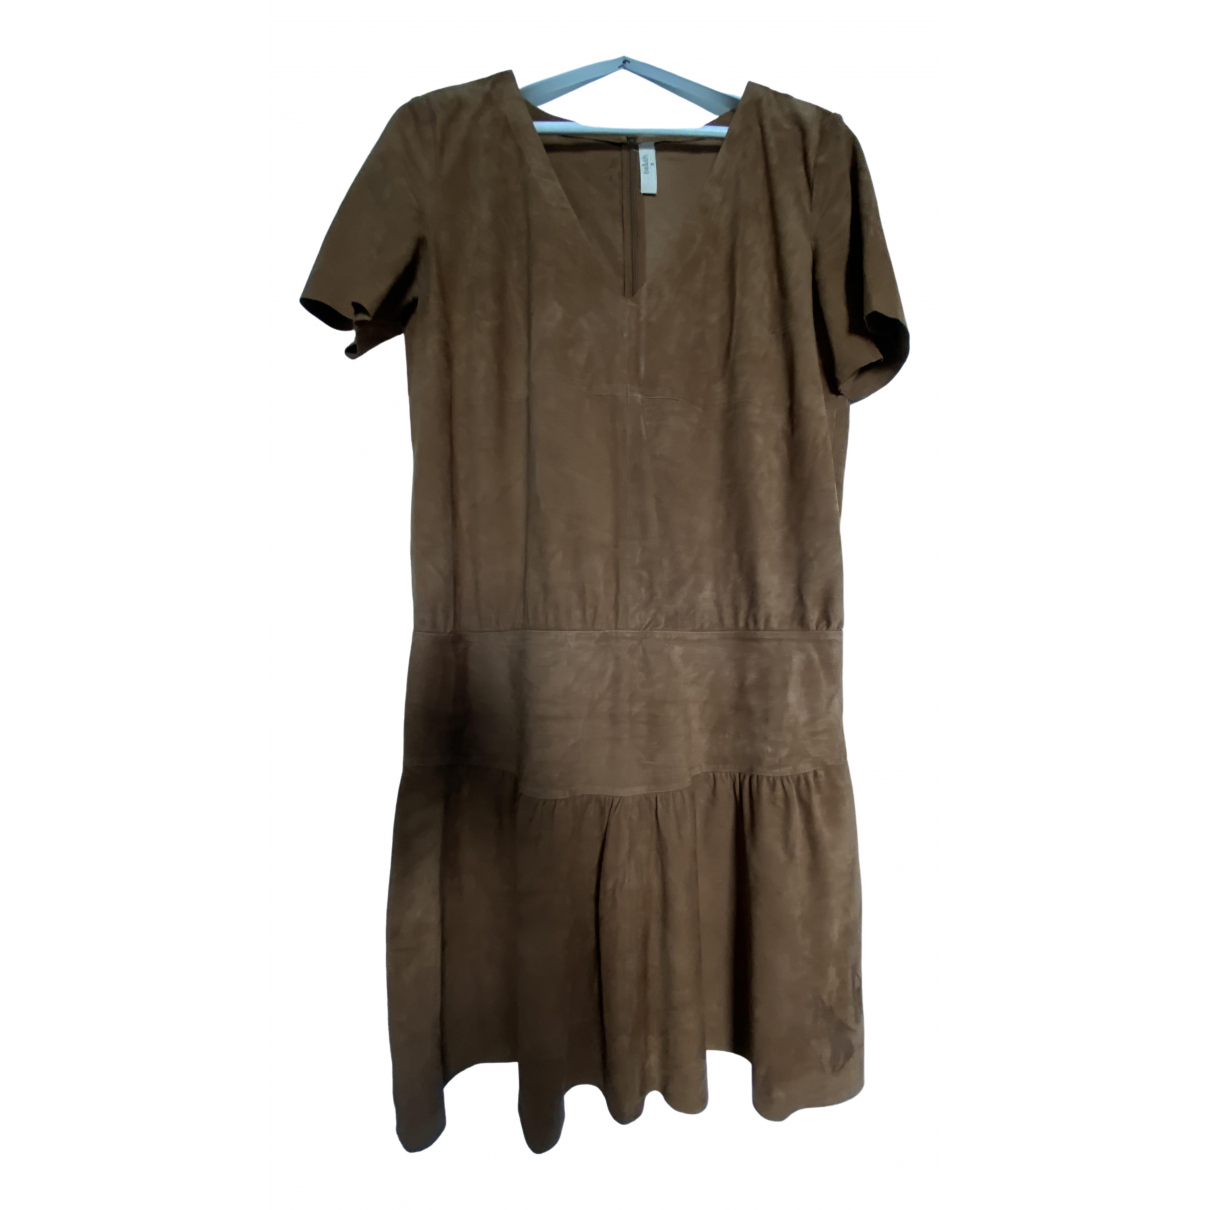 Ba&sh \N Kleid in  Beige Leder